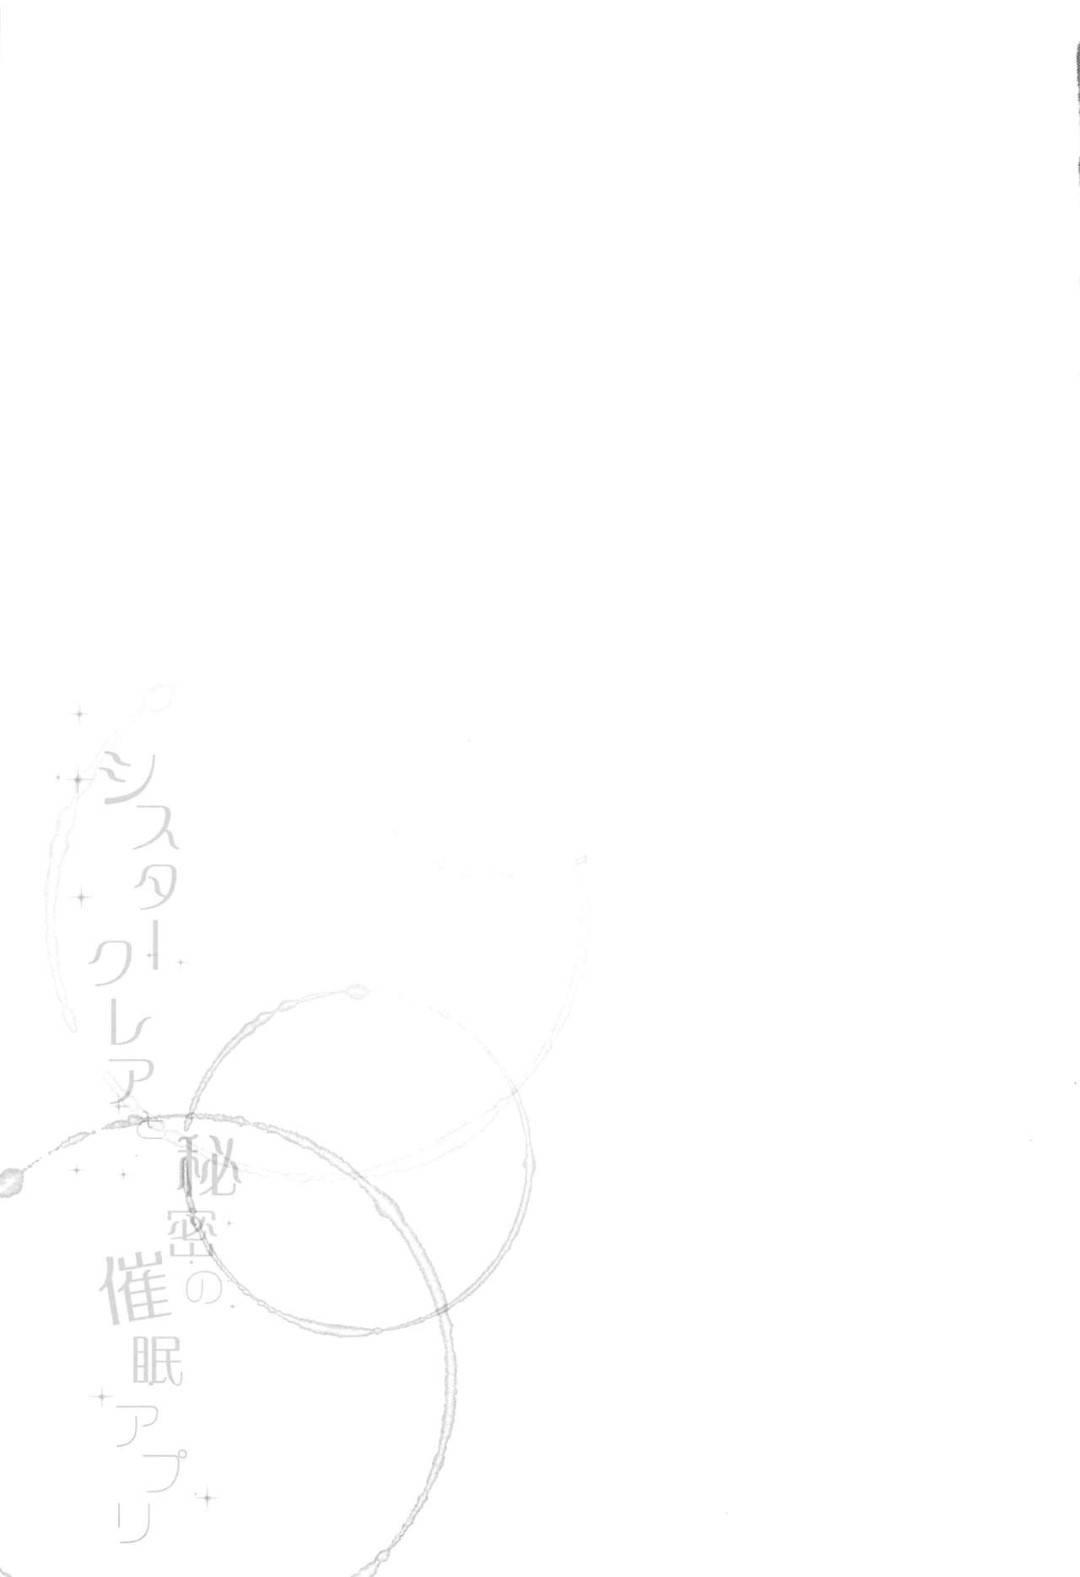 【シスター・クレア催眠姦エロ漫画】とある男性に催眠アプリを試されたシスター・クレアは、動画を撮られながらオナニーし、バックや正常位で生ハメセックスする【藤崎ひかり】